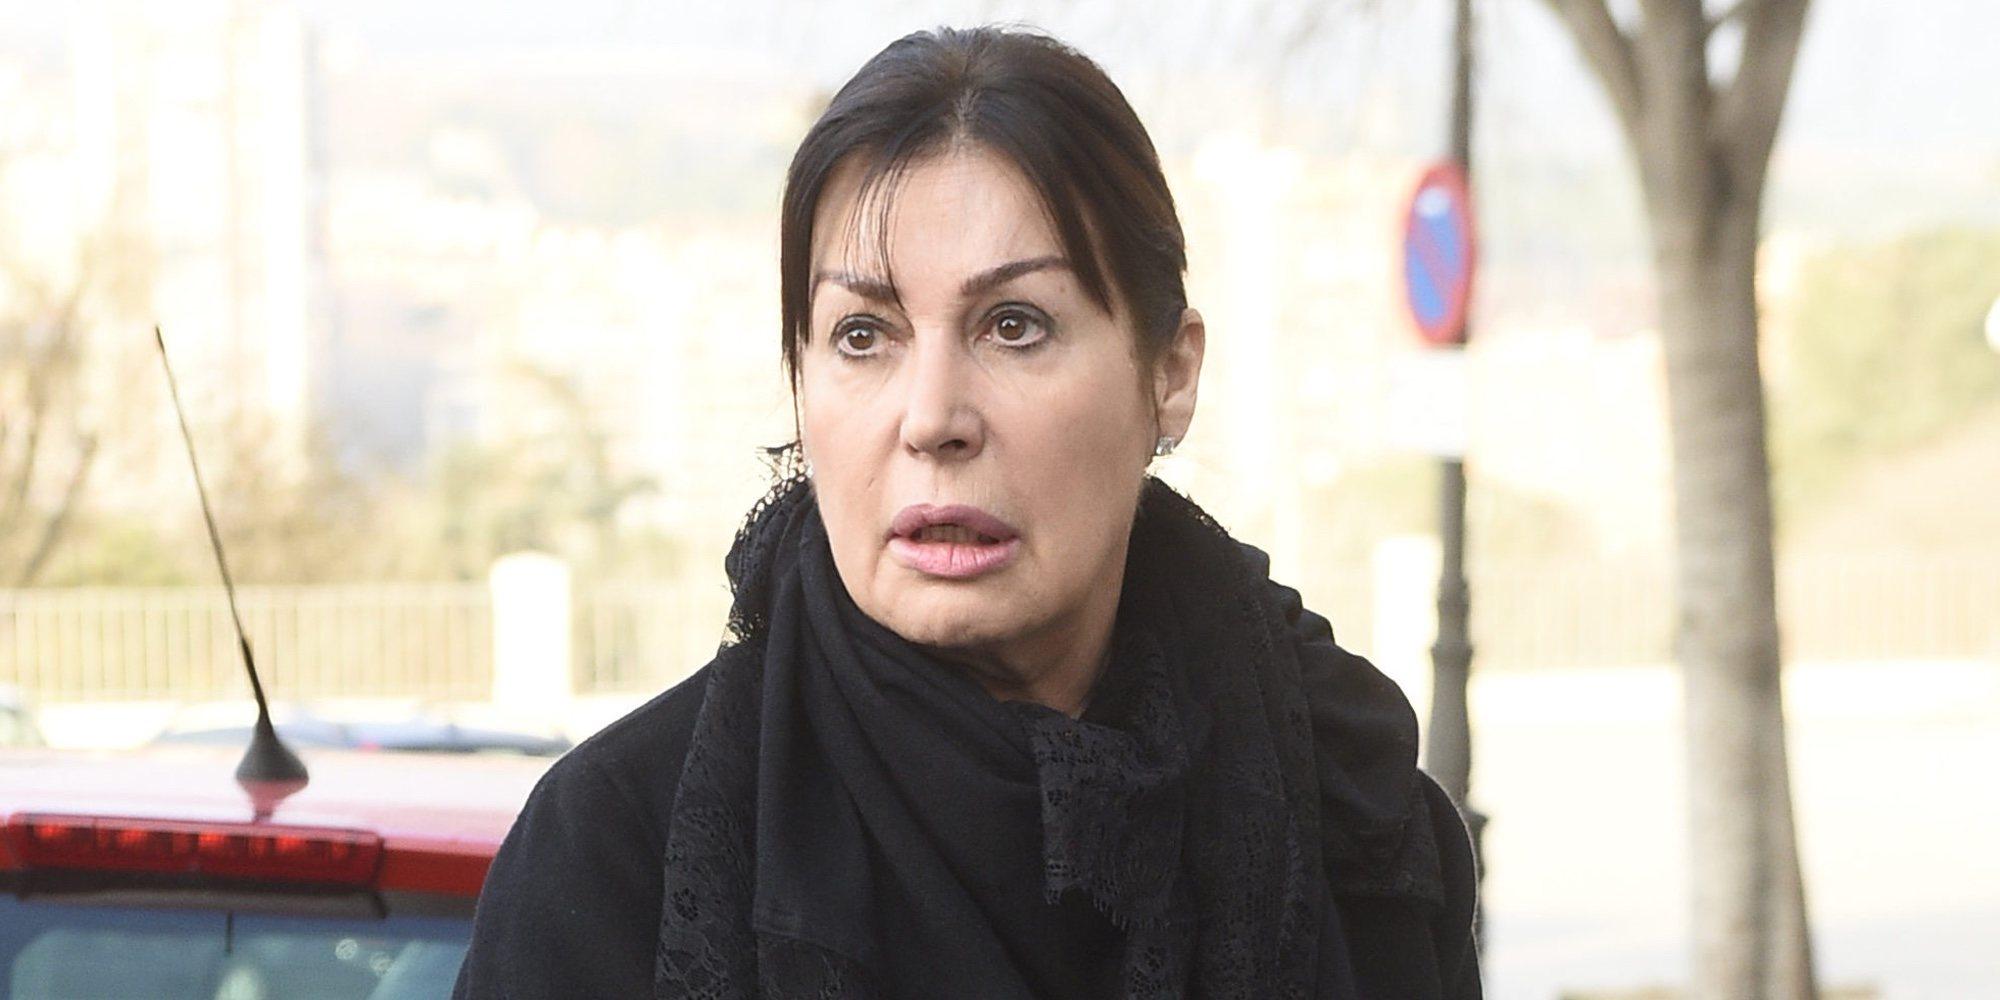 La Asociación para la Recuperación de la Memoria Histórica denuncia a Carmen Martínez Bordiú